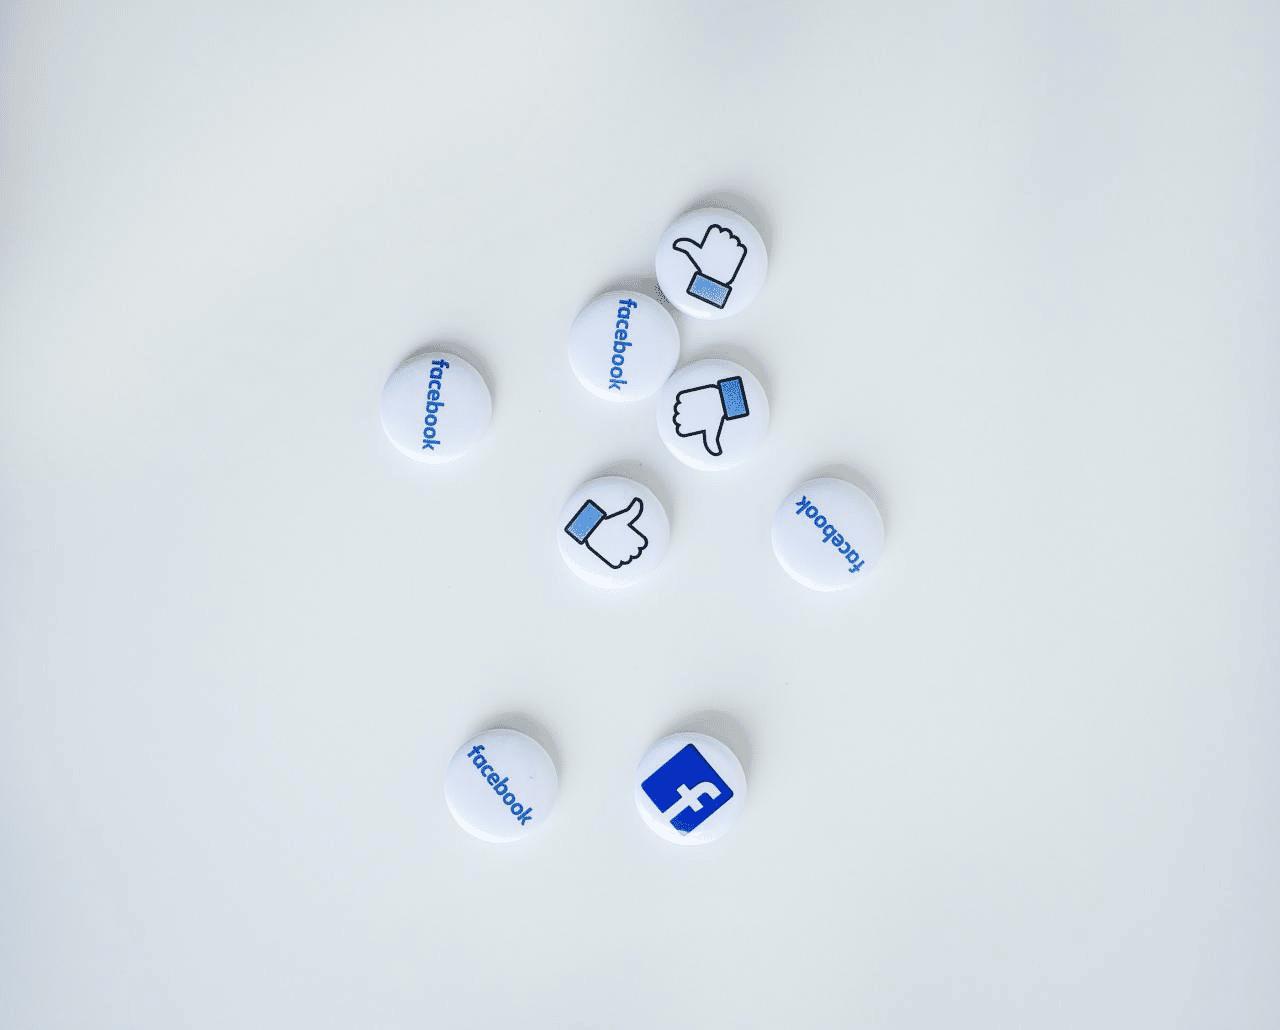 Facebook truyền thông marketing được coi như một trong những chức năng hữu hiệu nhất cho những bạn mong muốn tăng tương tác một cách nhanh chóng.